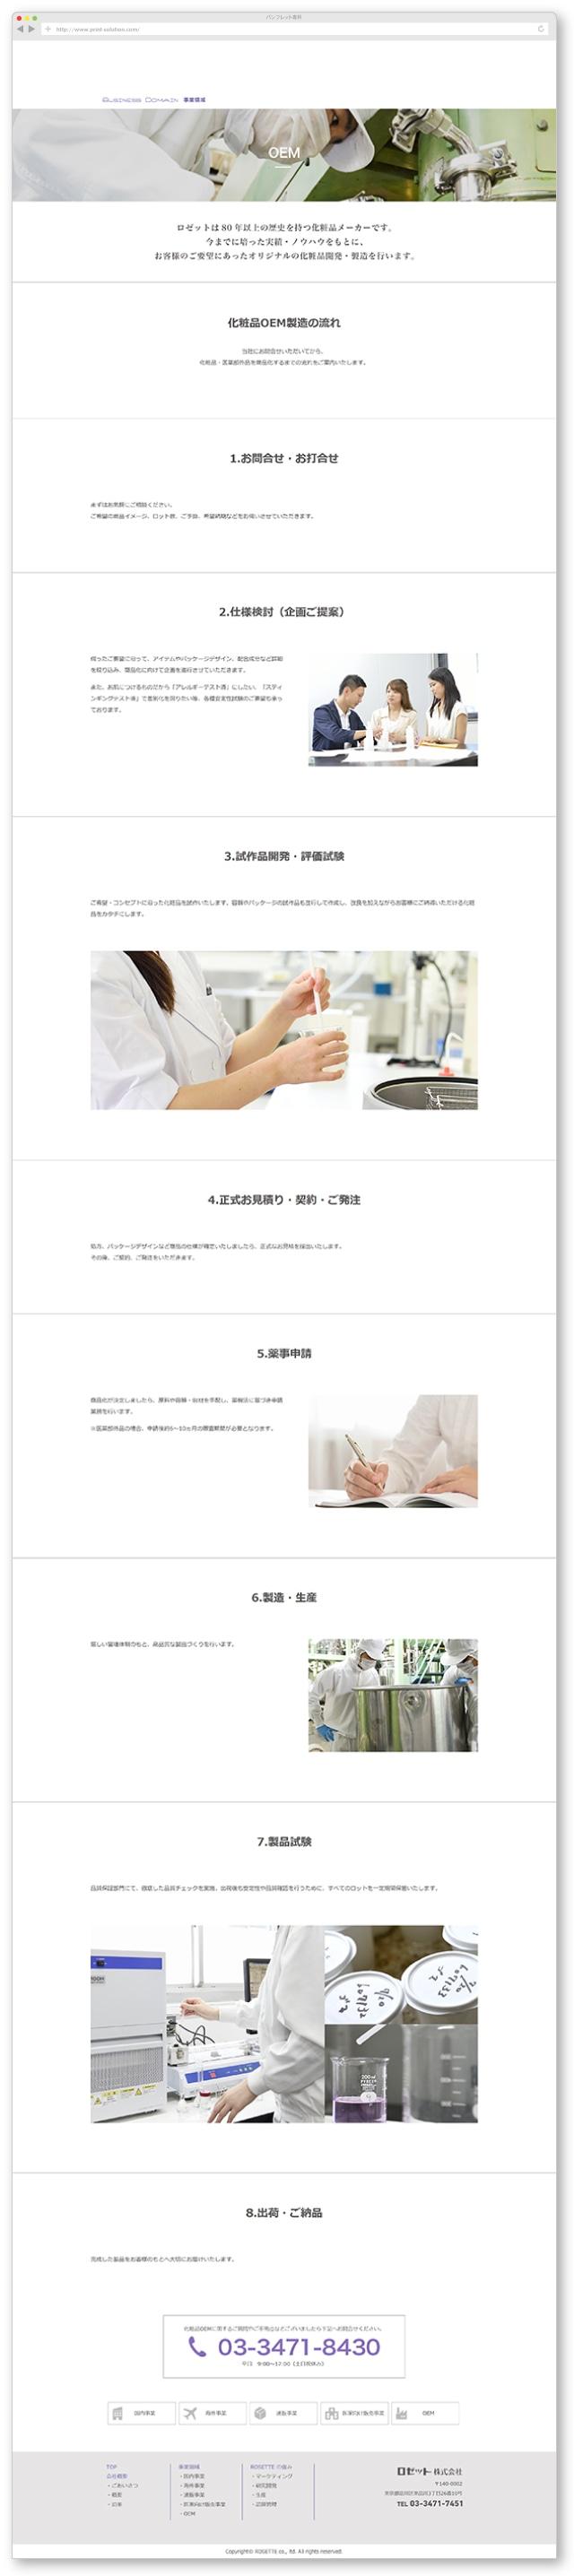 会社案内と同期させたOEM受託生産コンテンツページ